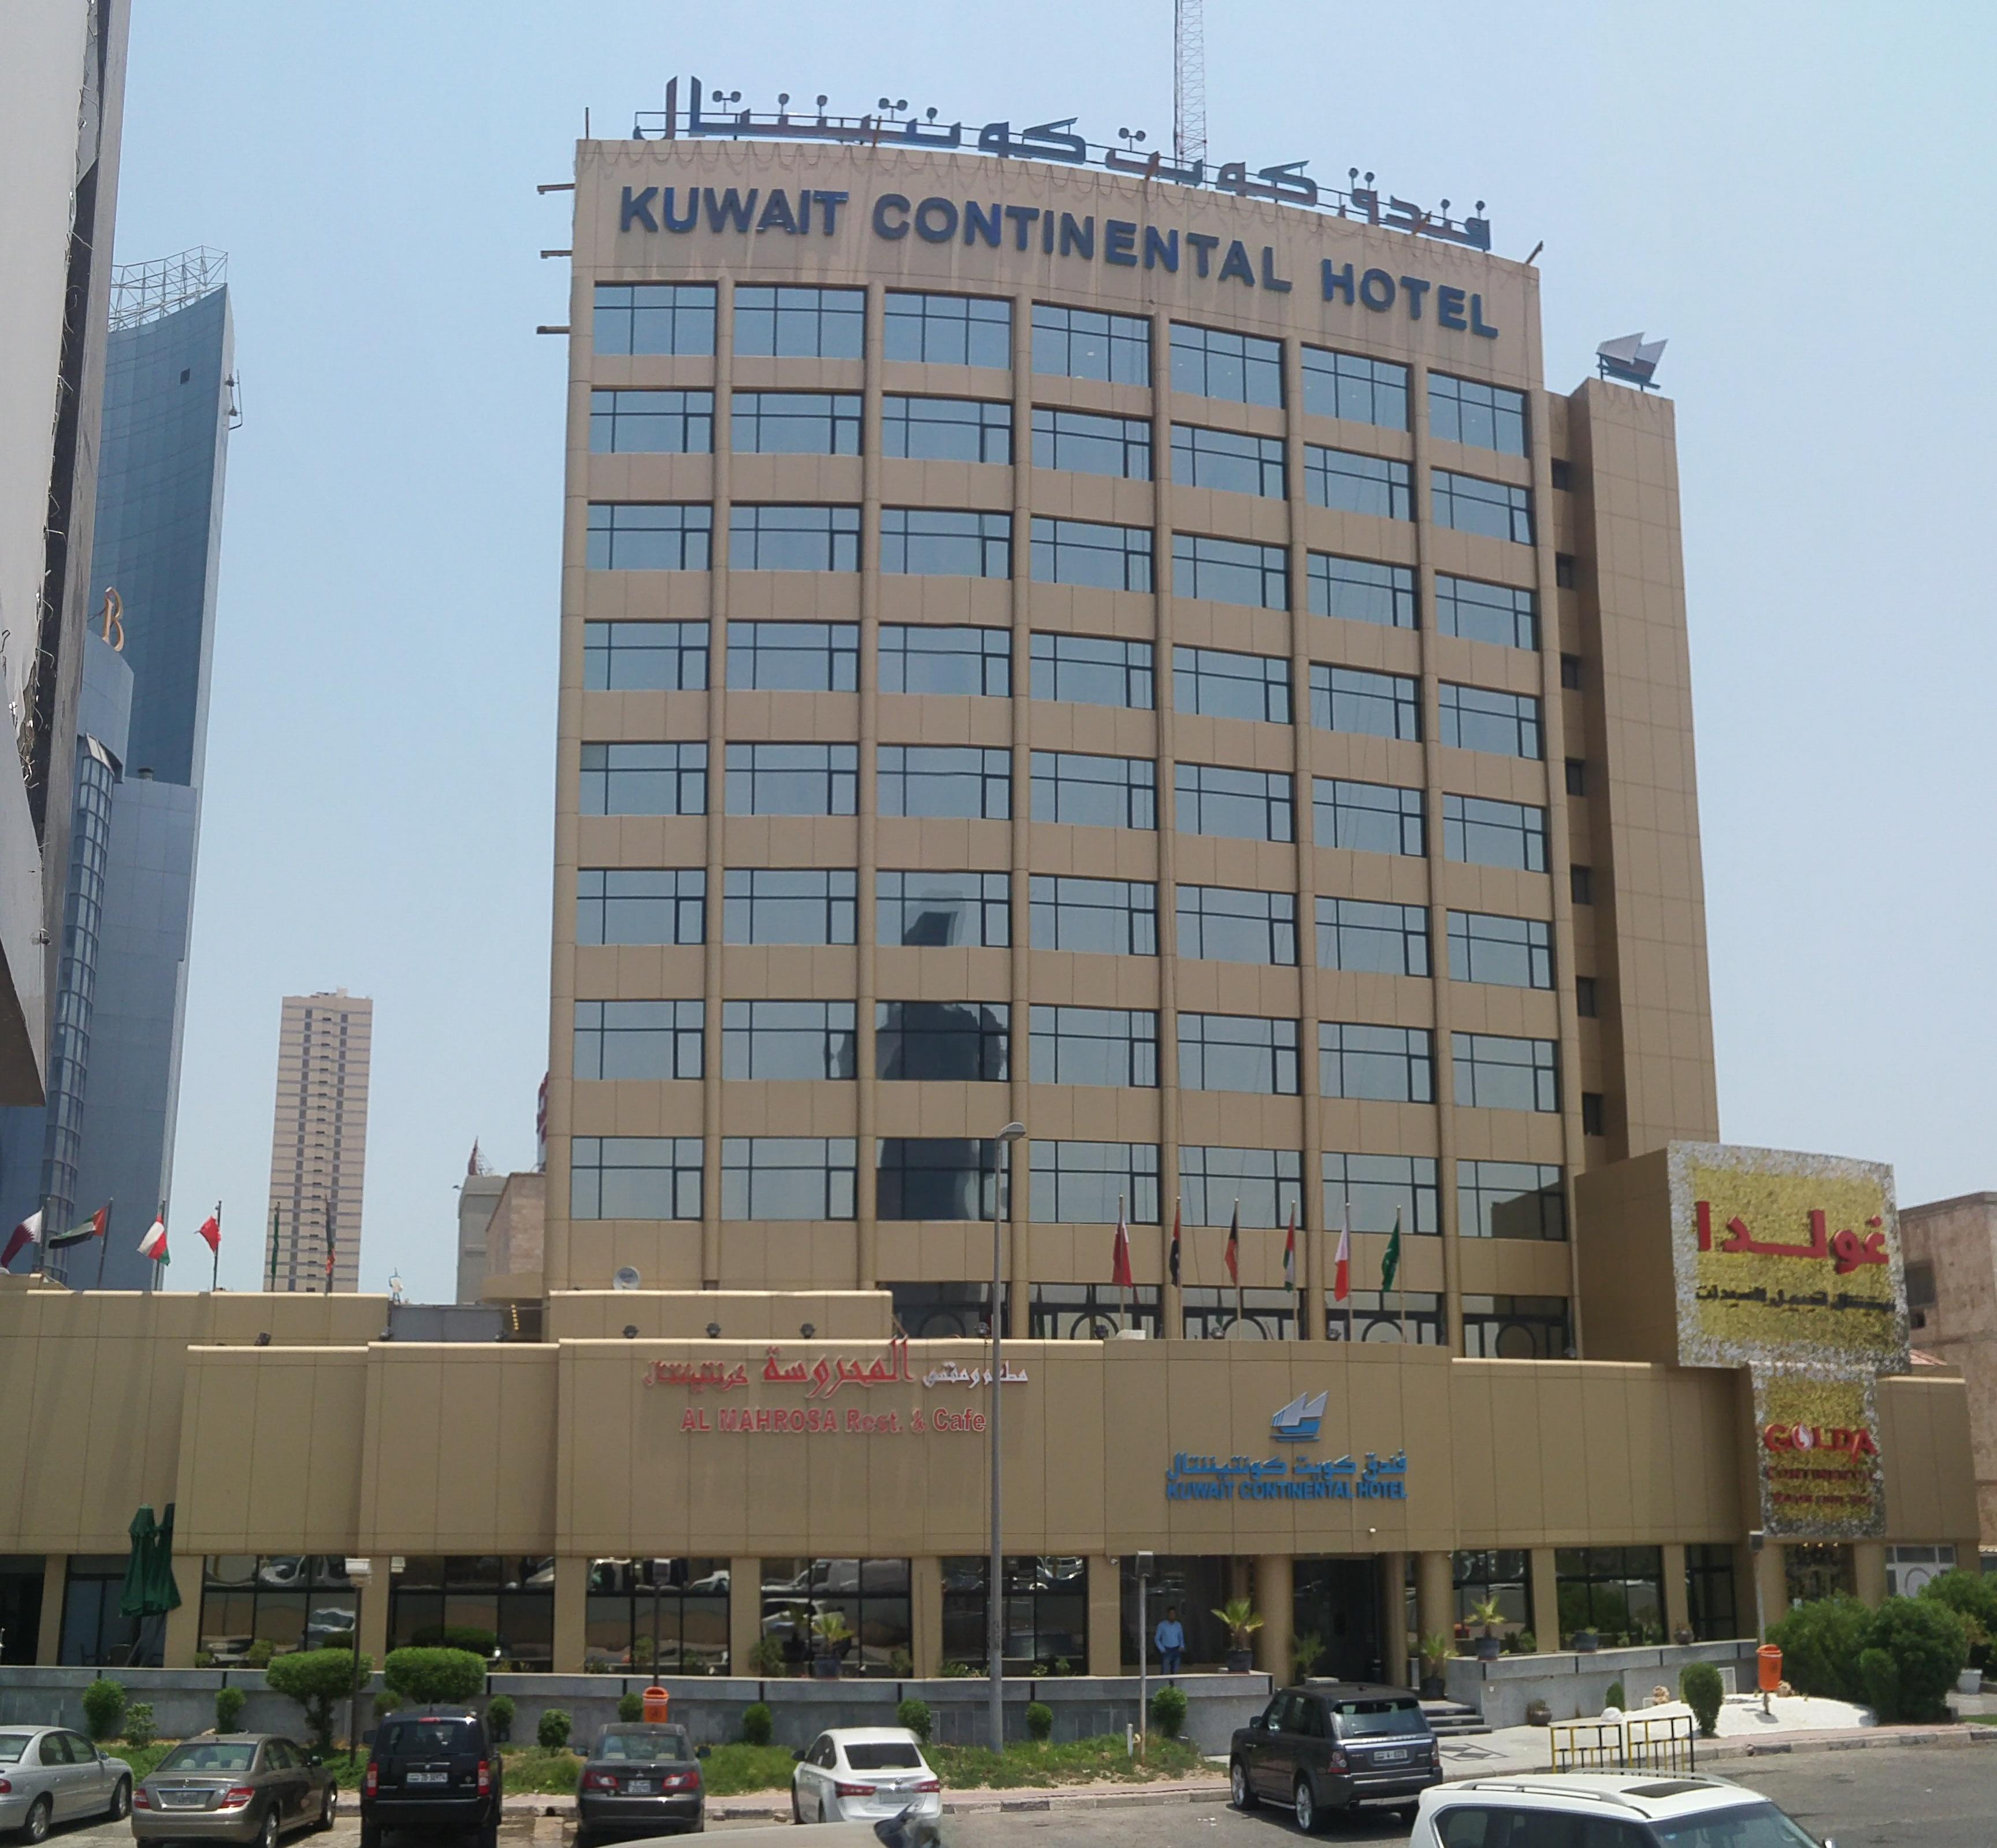 Kuwait Continental hotel,